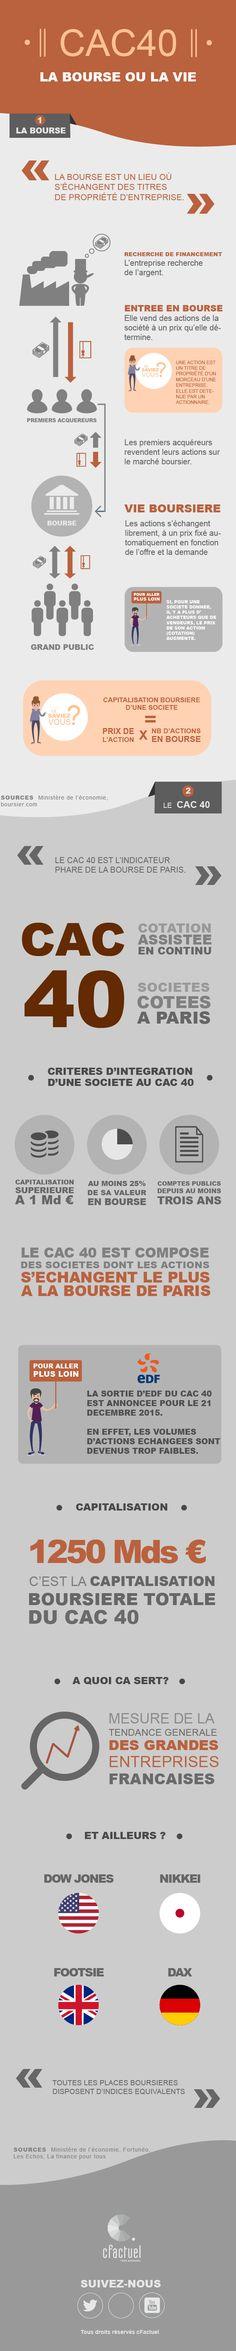 Infographie : Le CAC 40 - Tremblement de terre à la Bourse. L'entreprise EDF est éjectée du CAC 40. Le 21 décembre prochain c'est un groupe immobilier qui la remplacera. Comment fonctionnent la bourse et le CAC 40 ? Pourquoi EDF ne peut plus en faire partie ? En savoir plus sur cFactuel : www.cfactuel.fr/